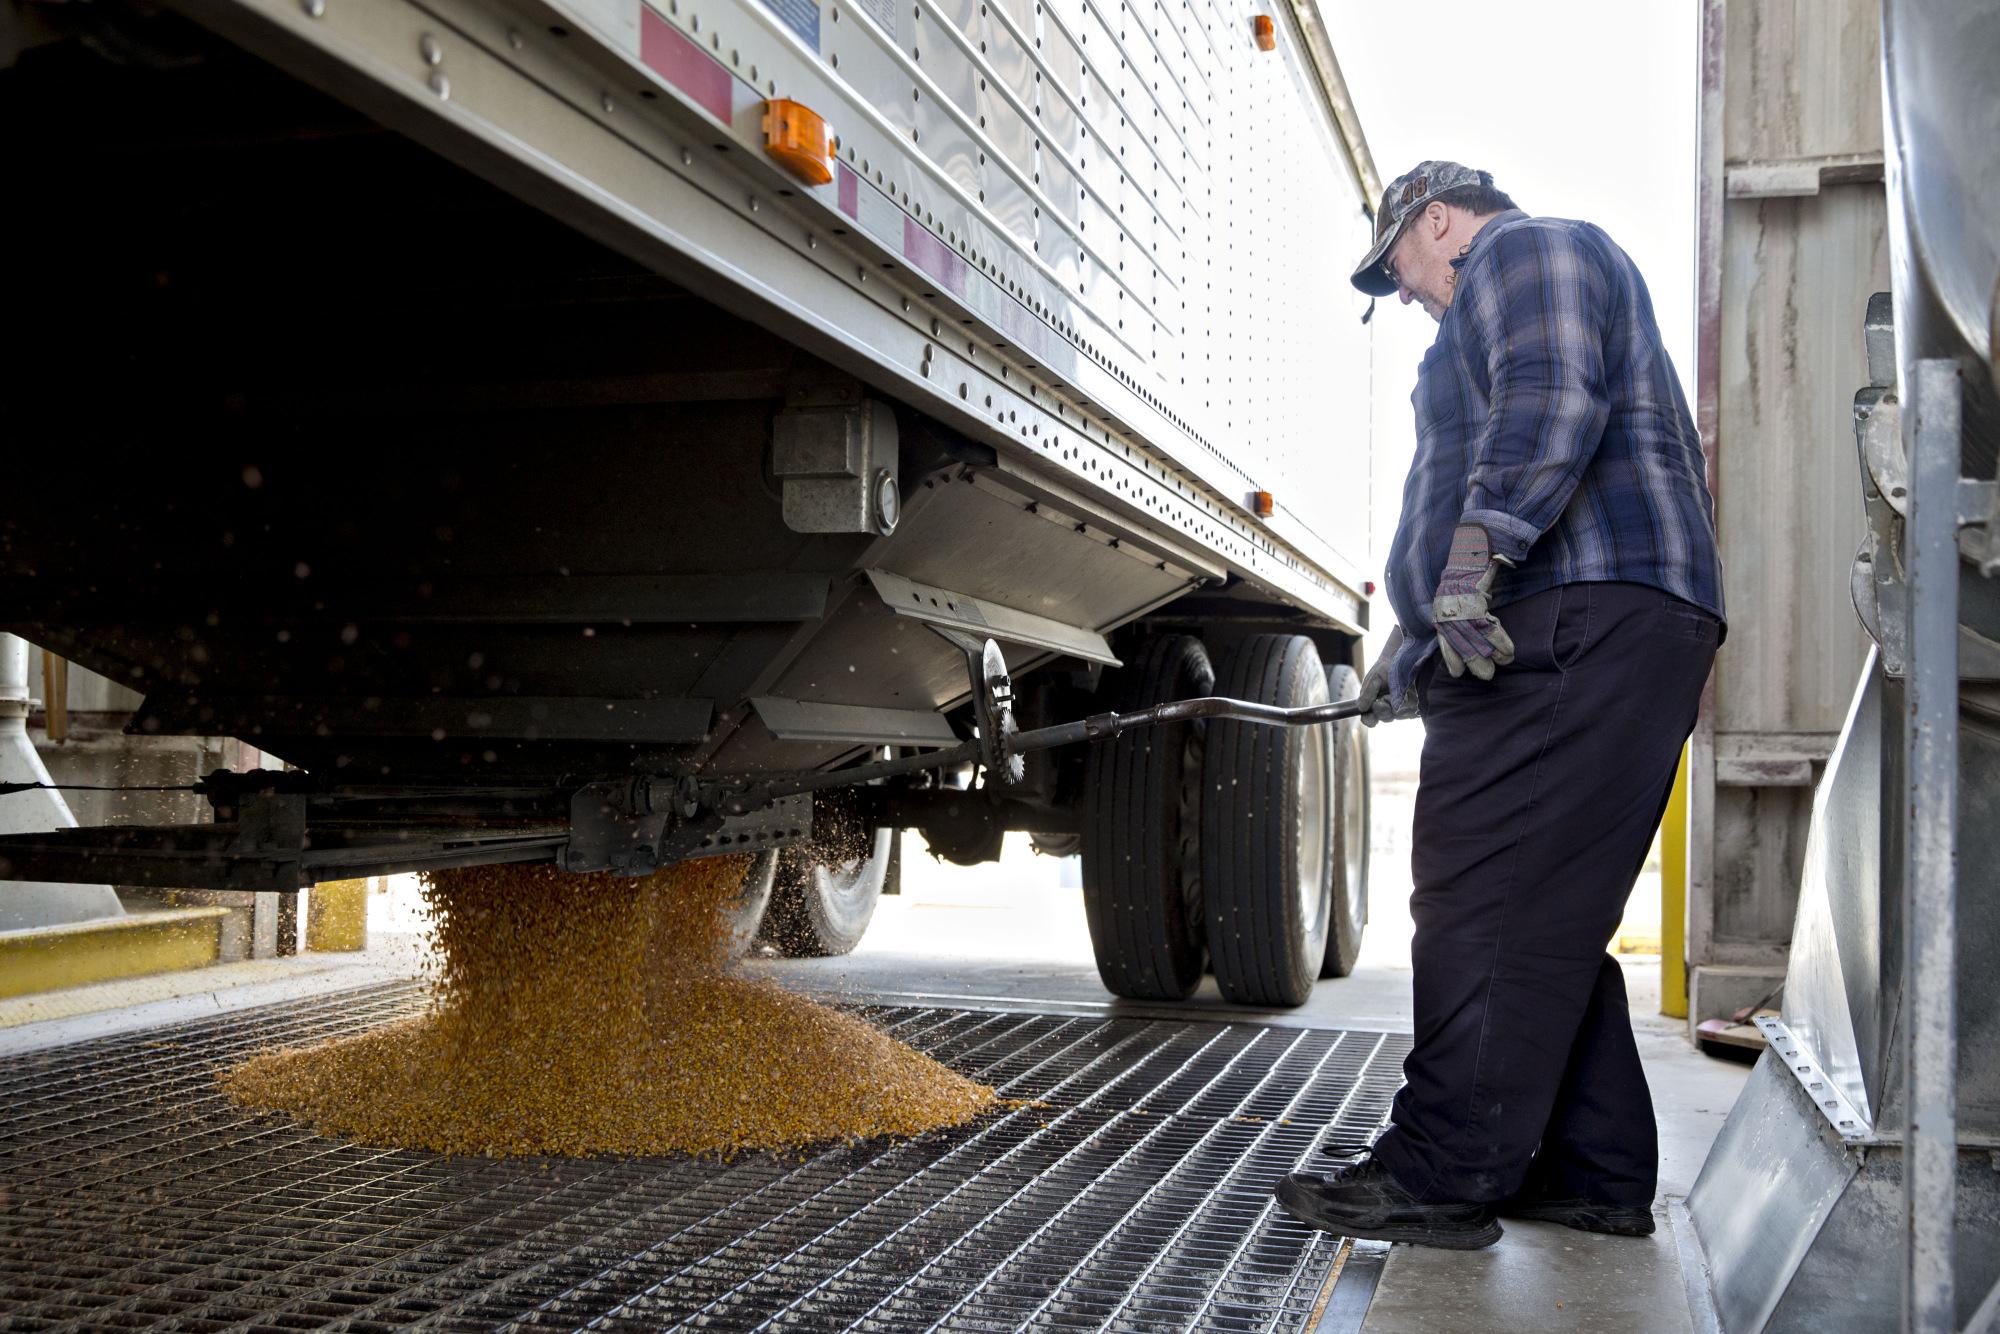 A truck driver unloads corn at the Archer-Daniels-Midland Co.grain facility in Mendota, Illinois.